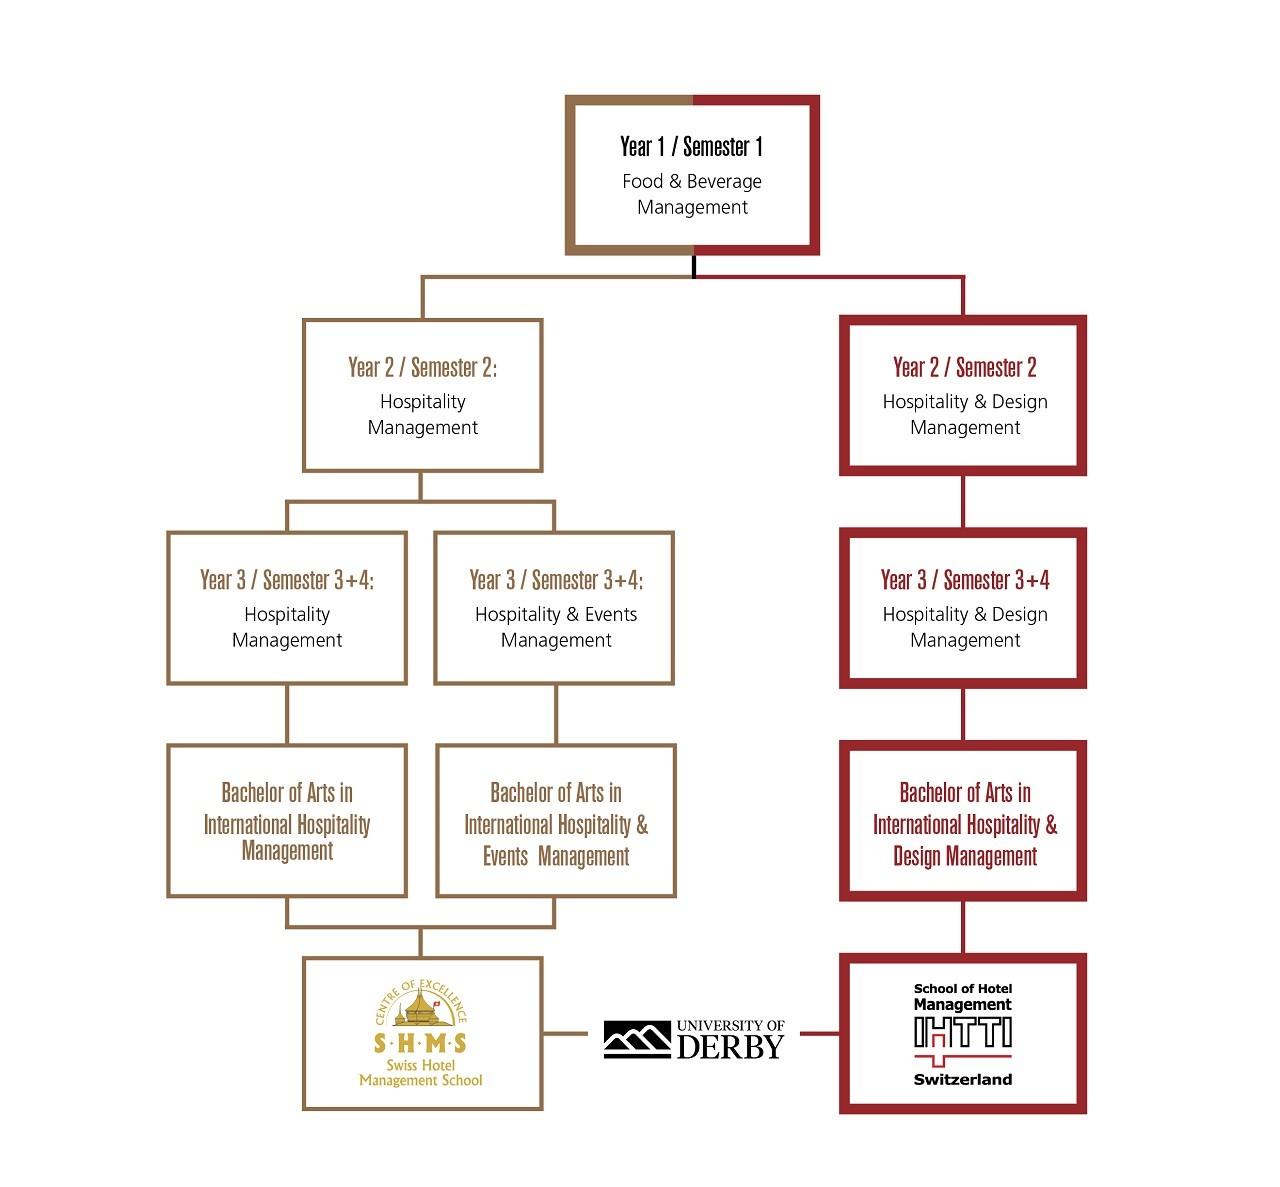 3 lộ trình lấy bằng cử nhân ngành nhà hàng khách sạn tại IHTTI và SHMS